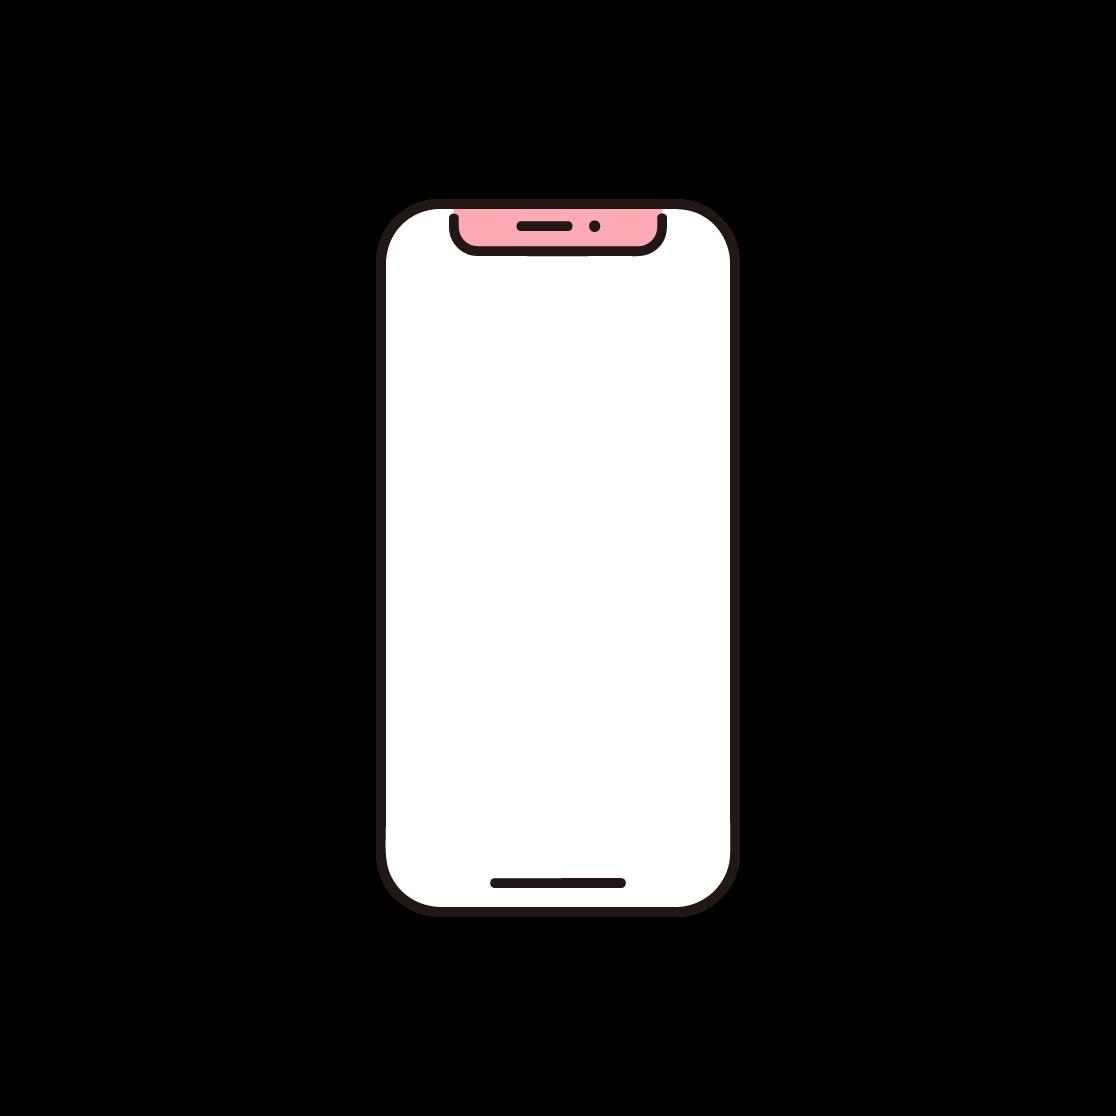 スマートフォンのイラスト(単色)